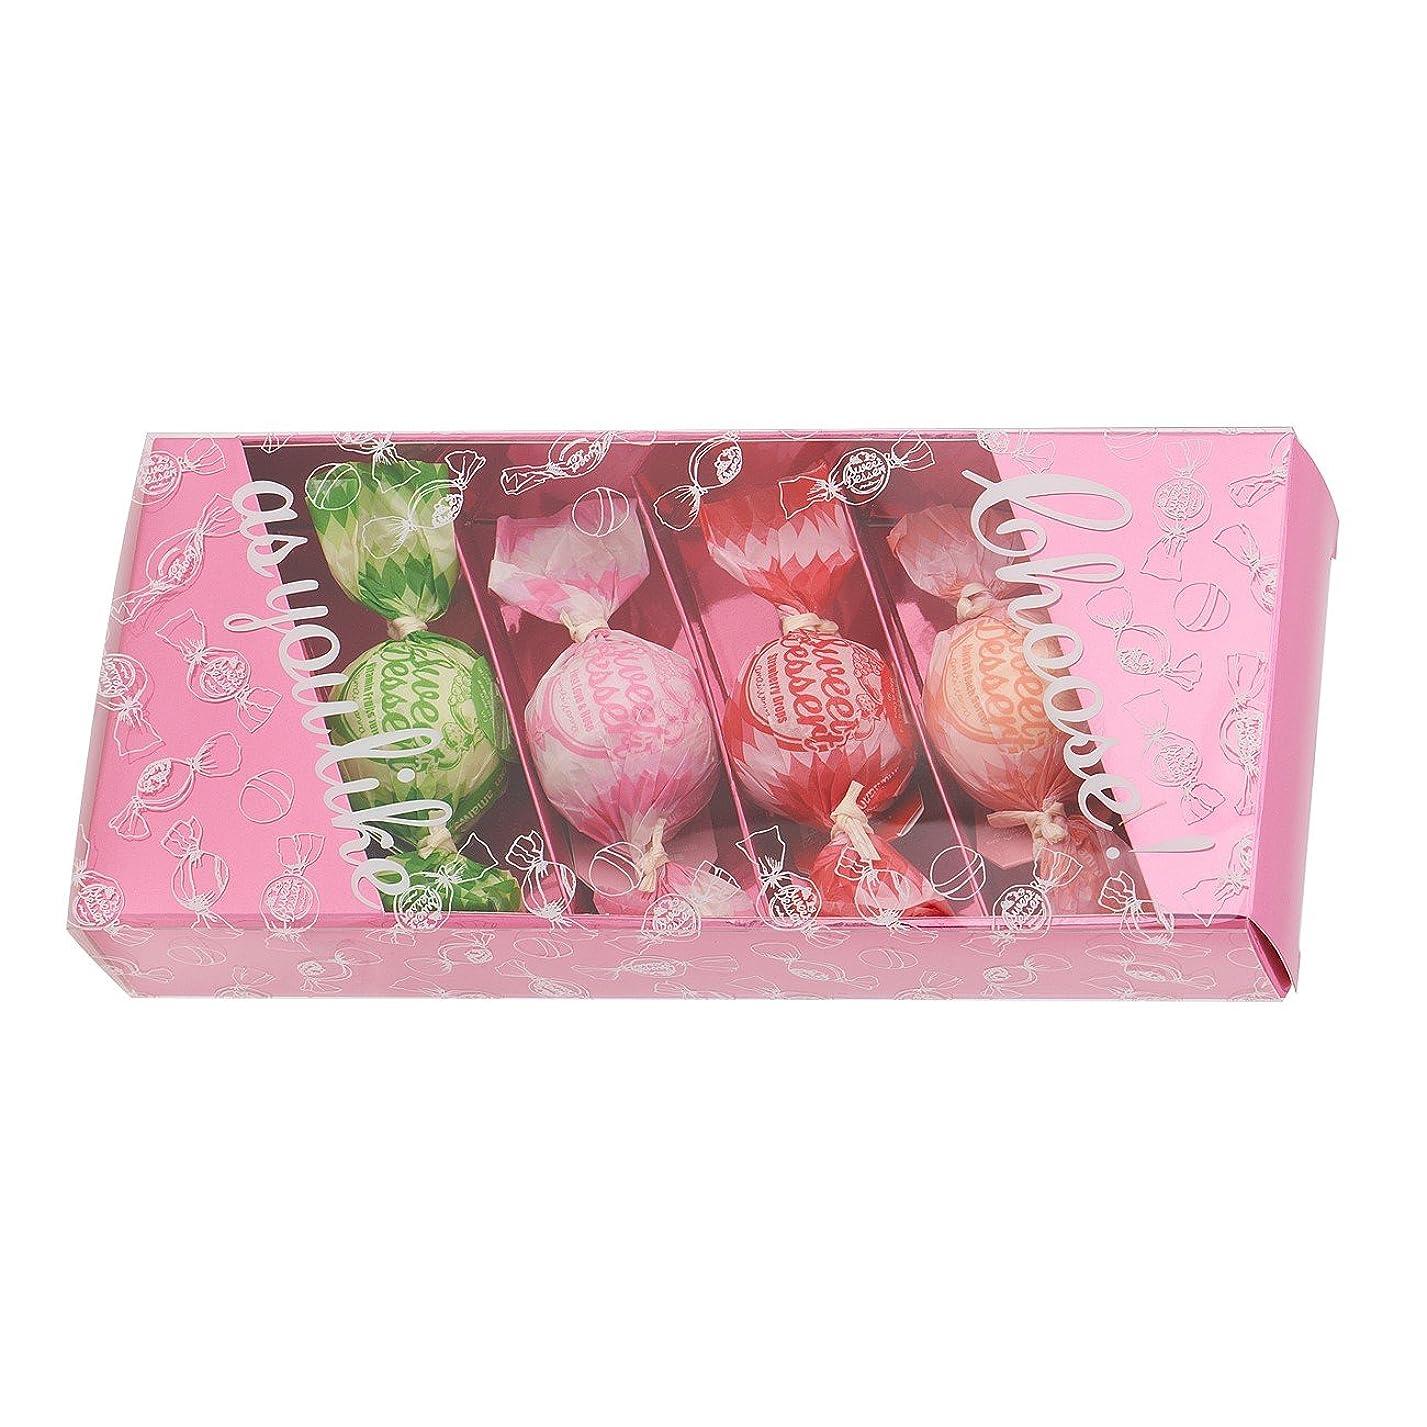 減少バリケード仮説アマイワナ バスキャンディー4粒ギフトセット(35g×4個) ピンク(発泡タイプ入浴料 バスギフト)